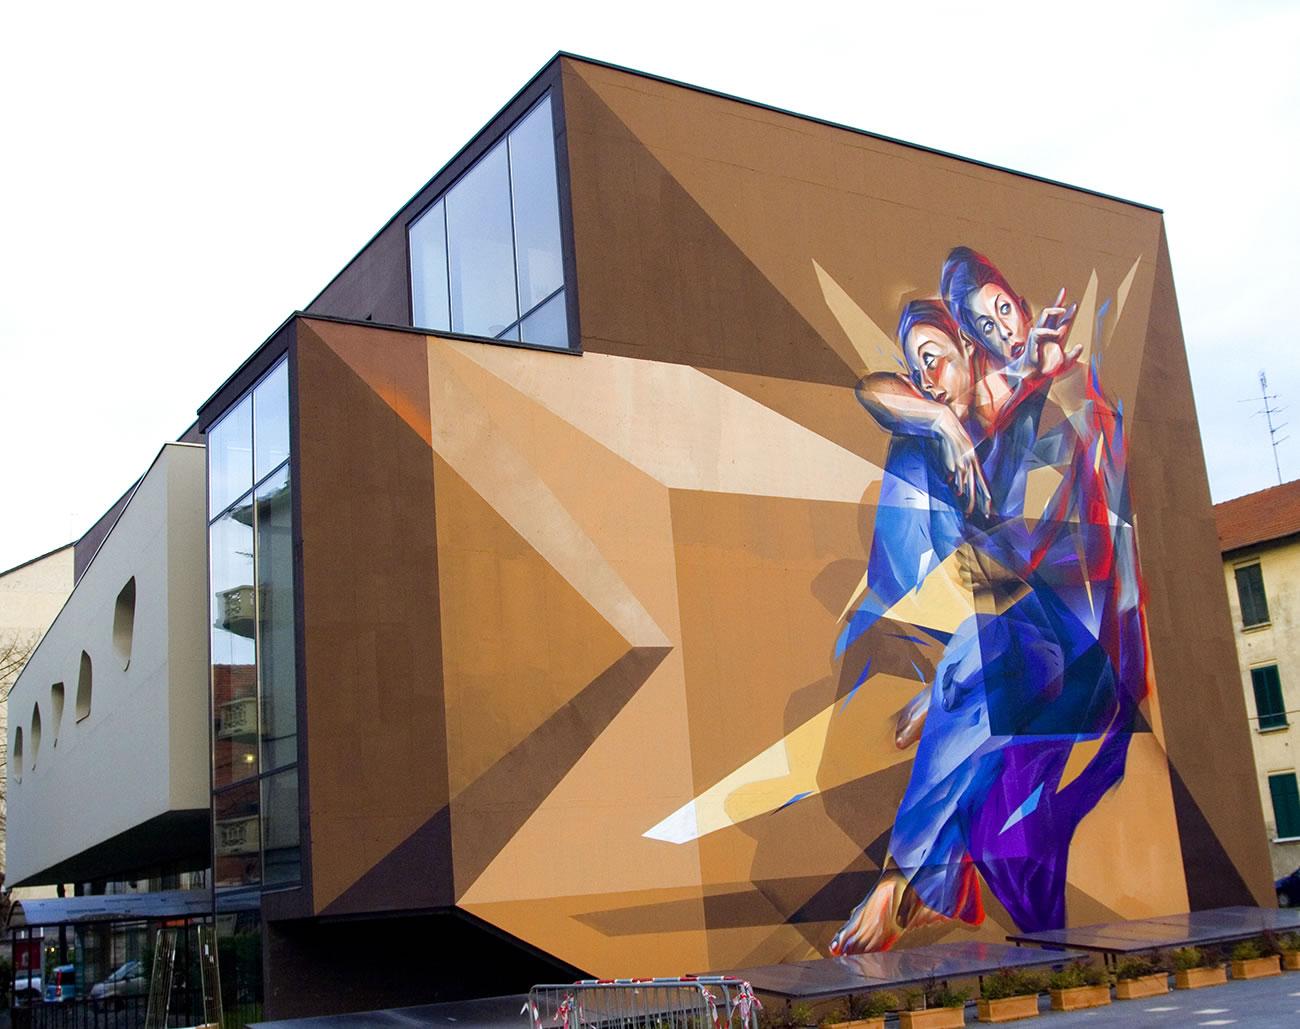 angels on building, mural by vesod